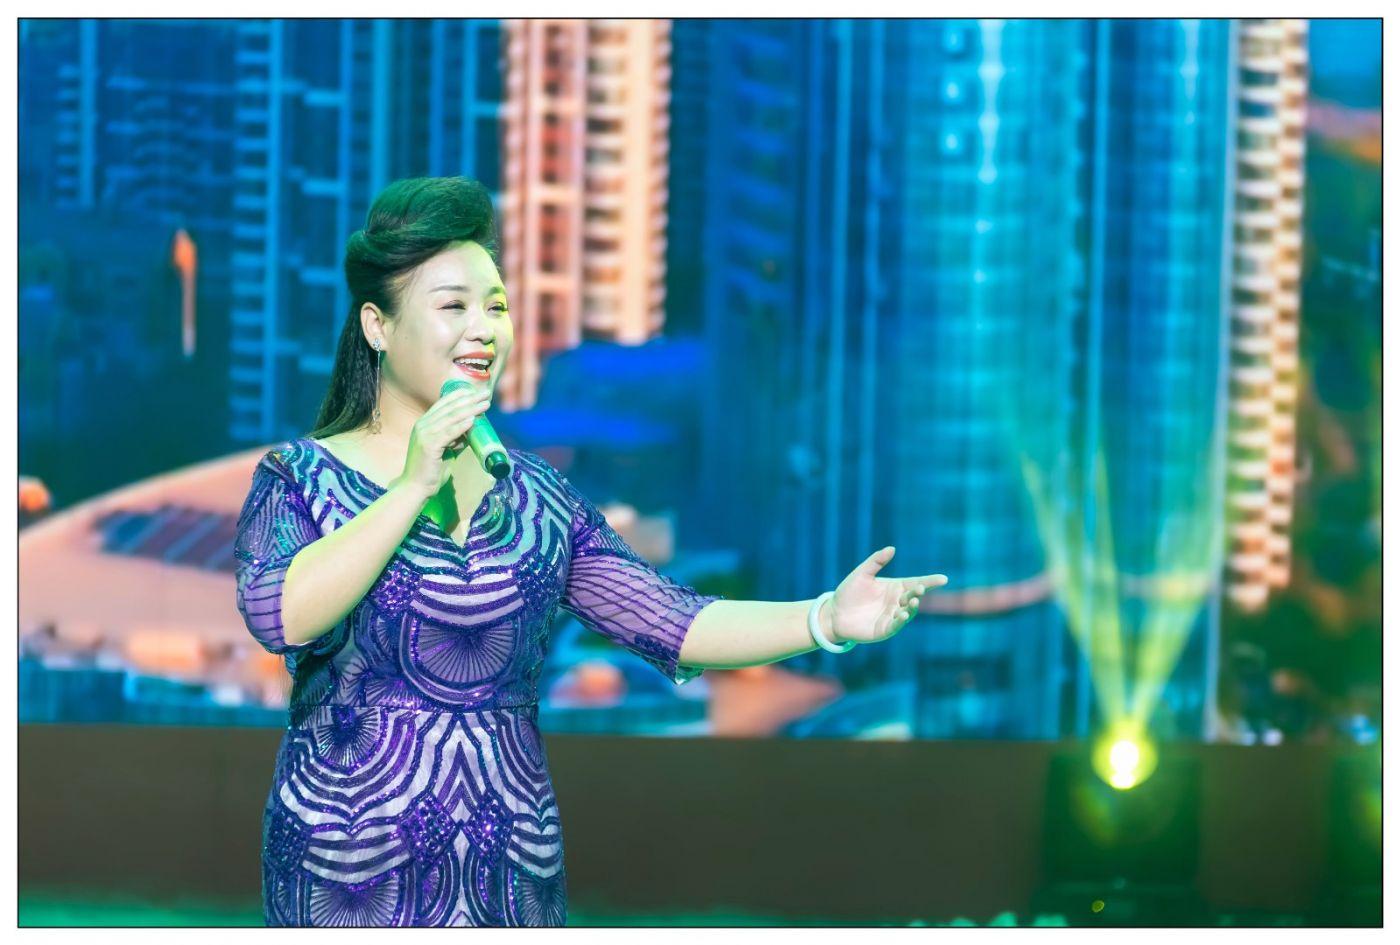 临沂姑娘杨妮妮曾感动春晚总动员 今晚在临沂电视台大放异彩 ..._图1-8